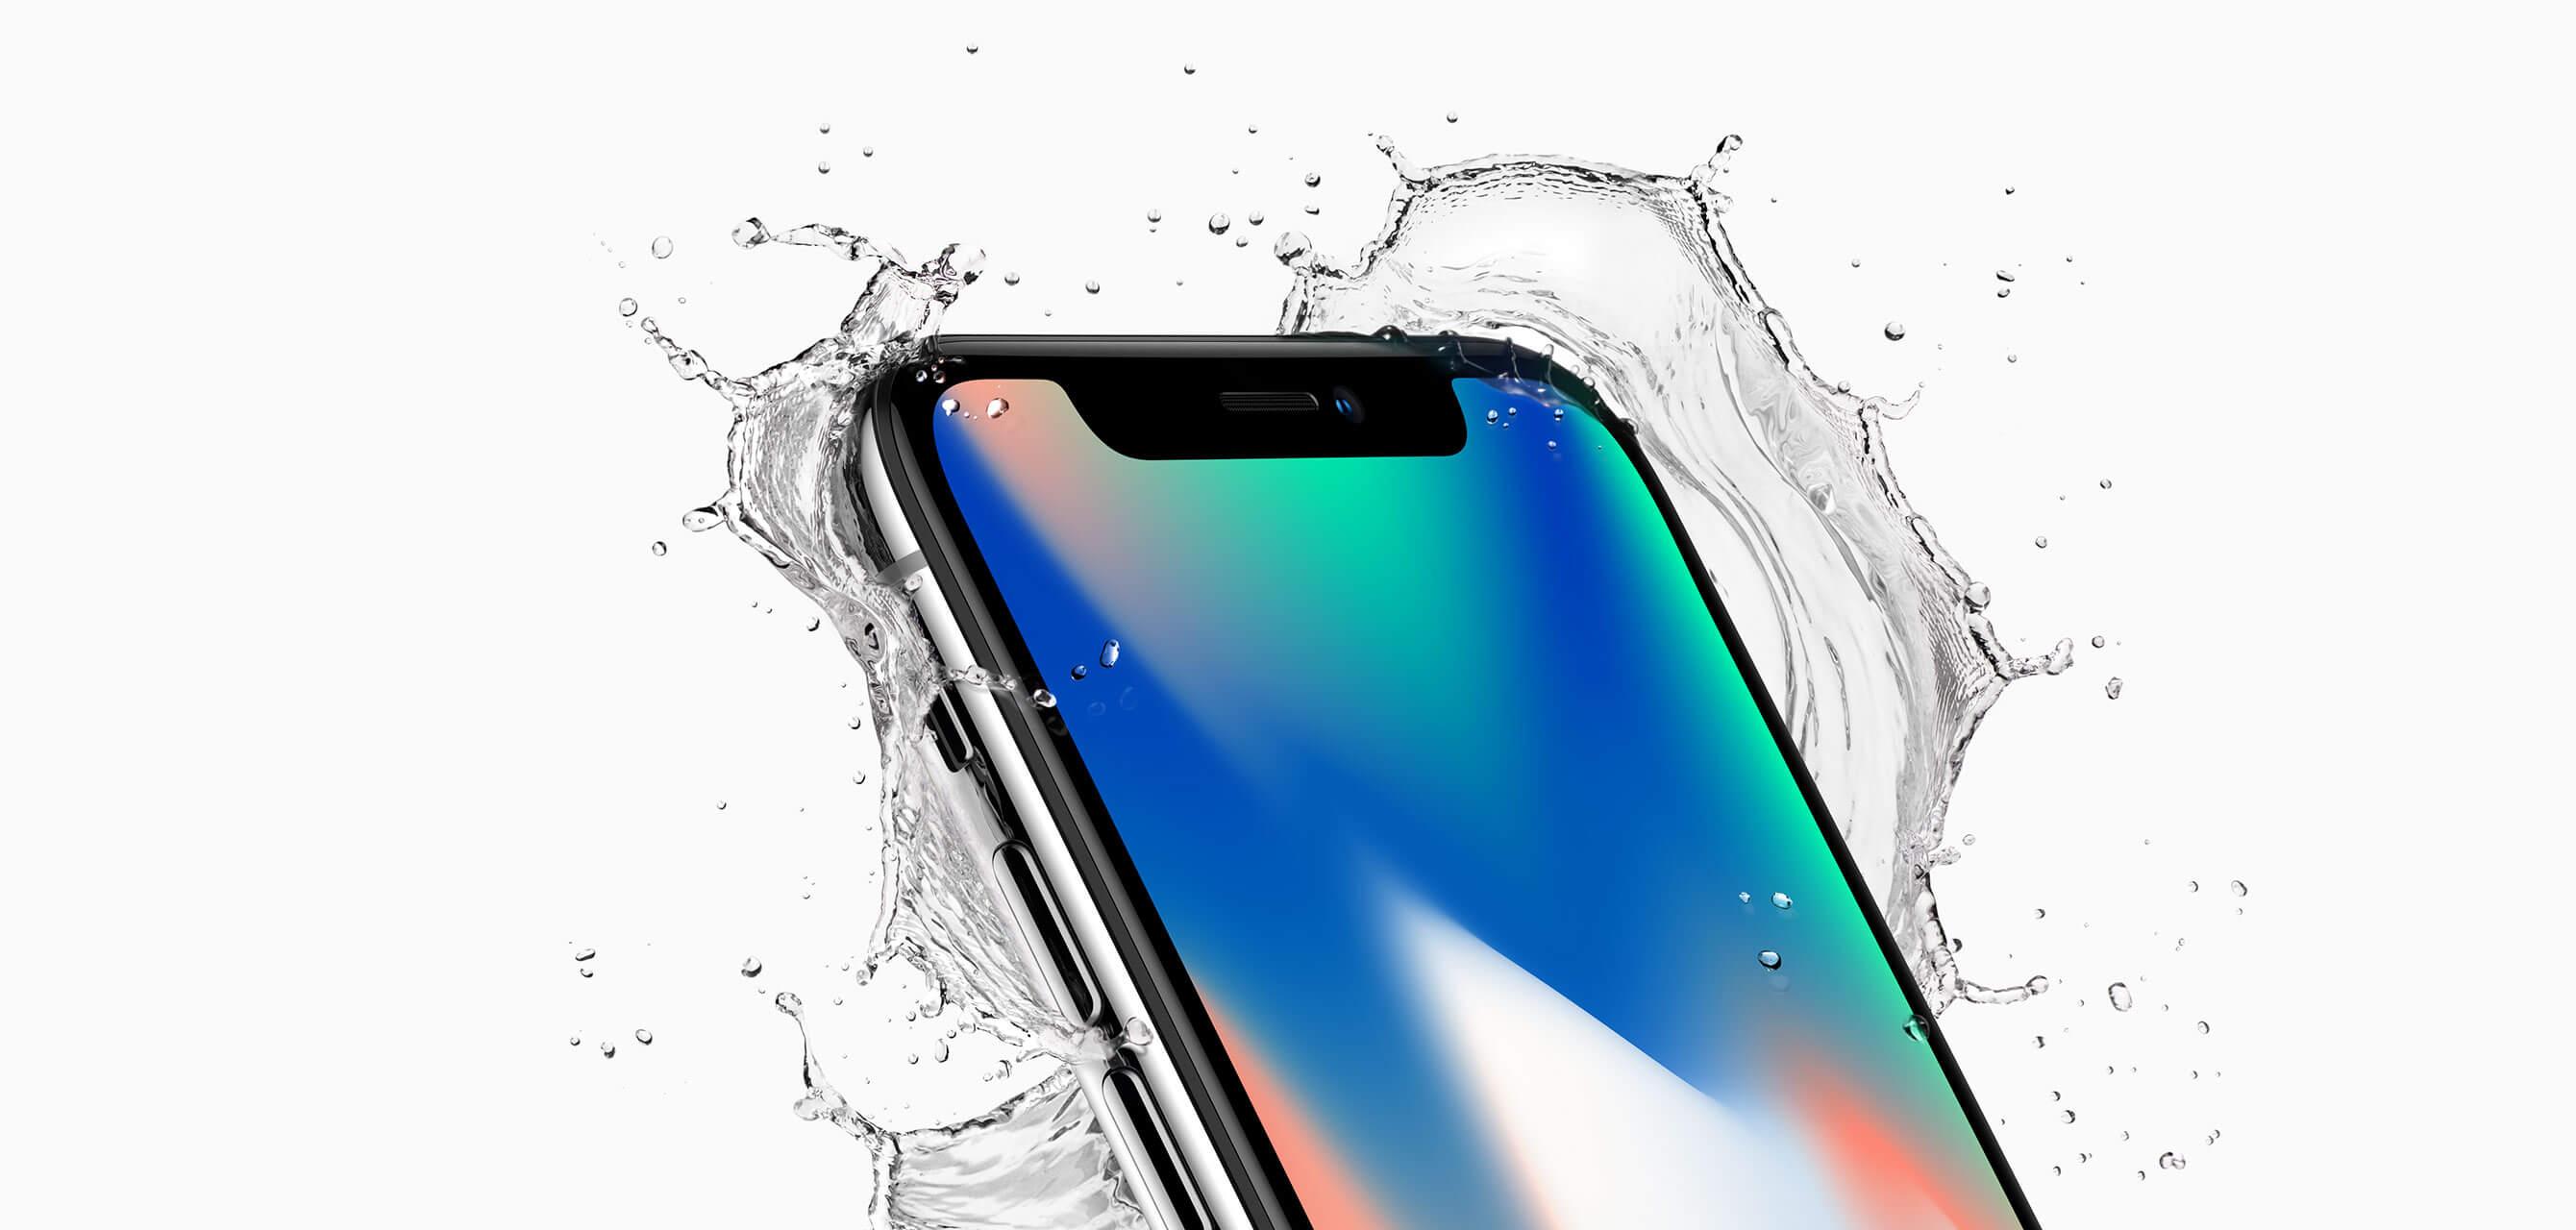 Un iPhone X survit après avoir passé 8 heures sous l'eau